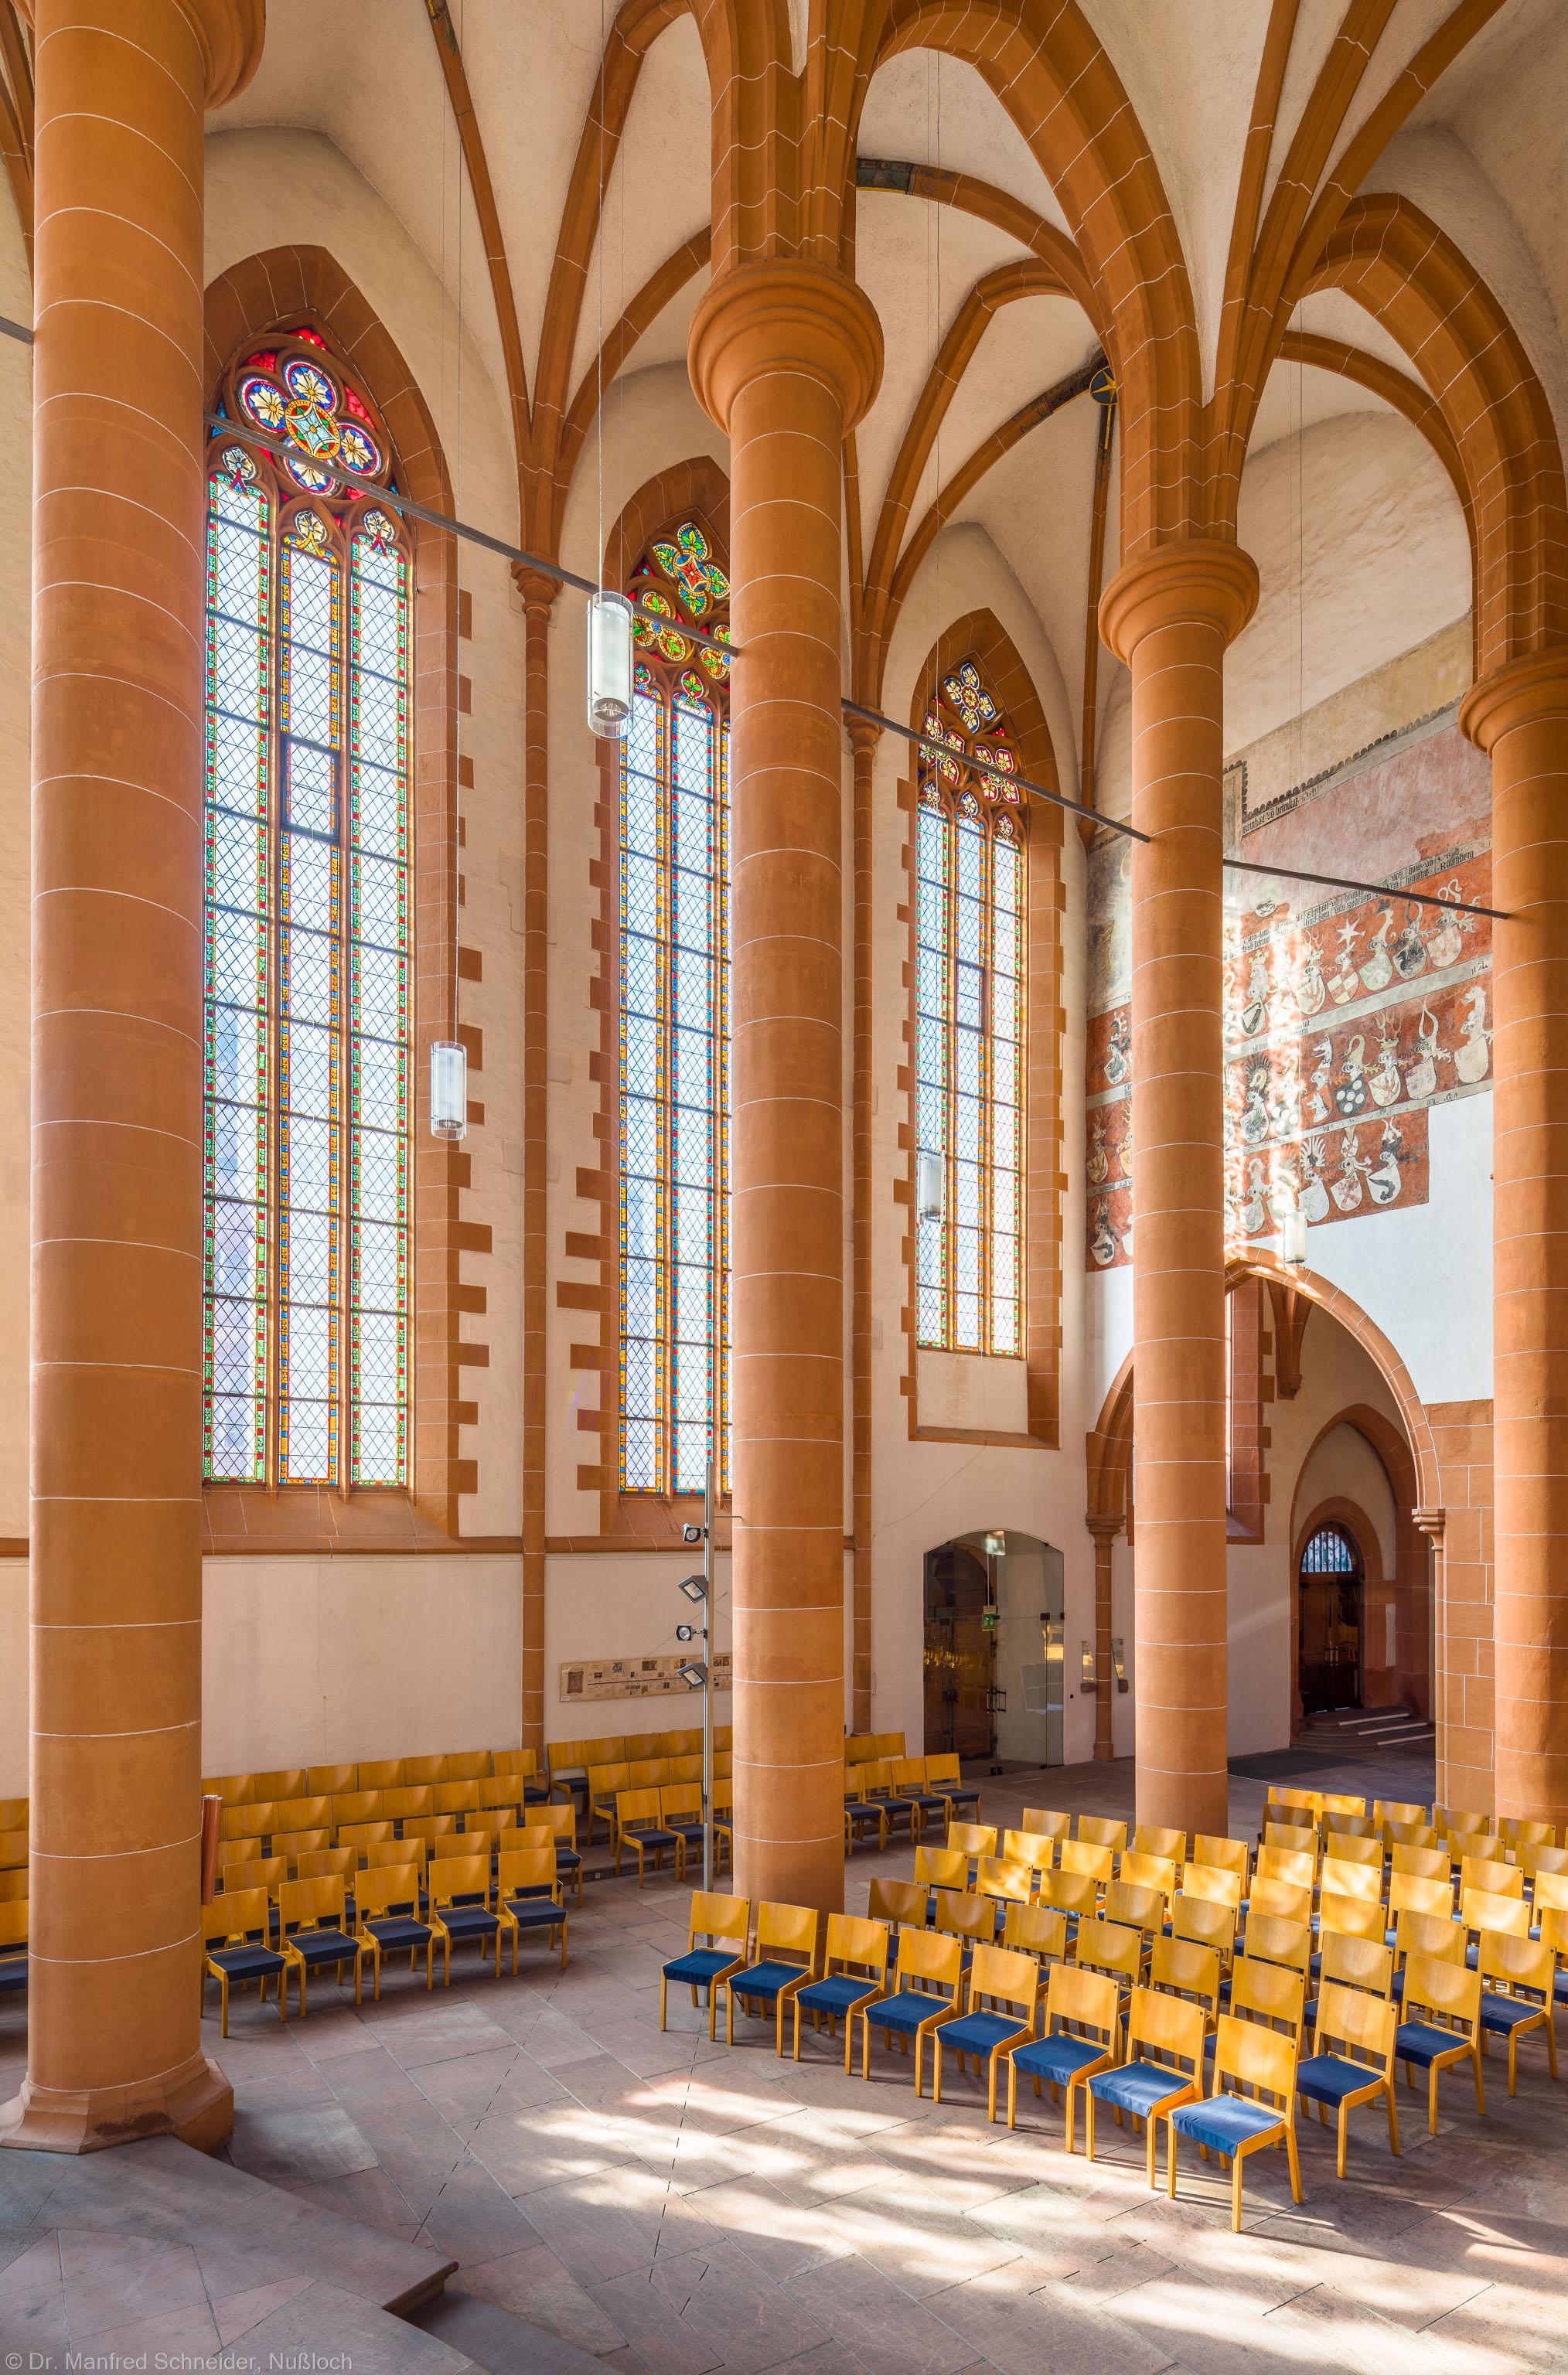 Heidelberg - Heiliggeistkirche - Chor - Blick von der Kanzel in den Chor nach Südwesten mit Säulen, Gewölbe und südlicher Trennmauer (aufgenommen im Oktober 2015, am späten Vormittag)